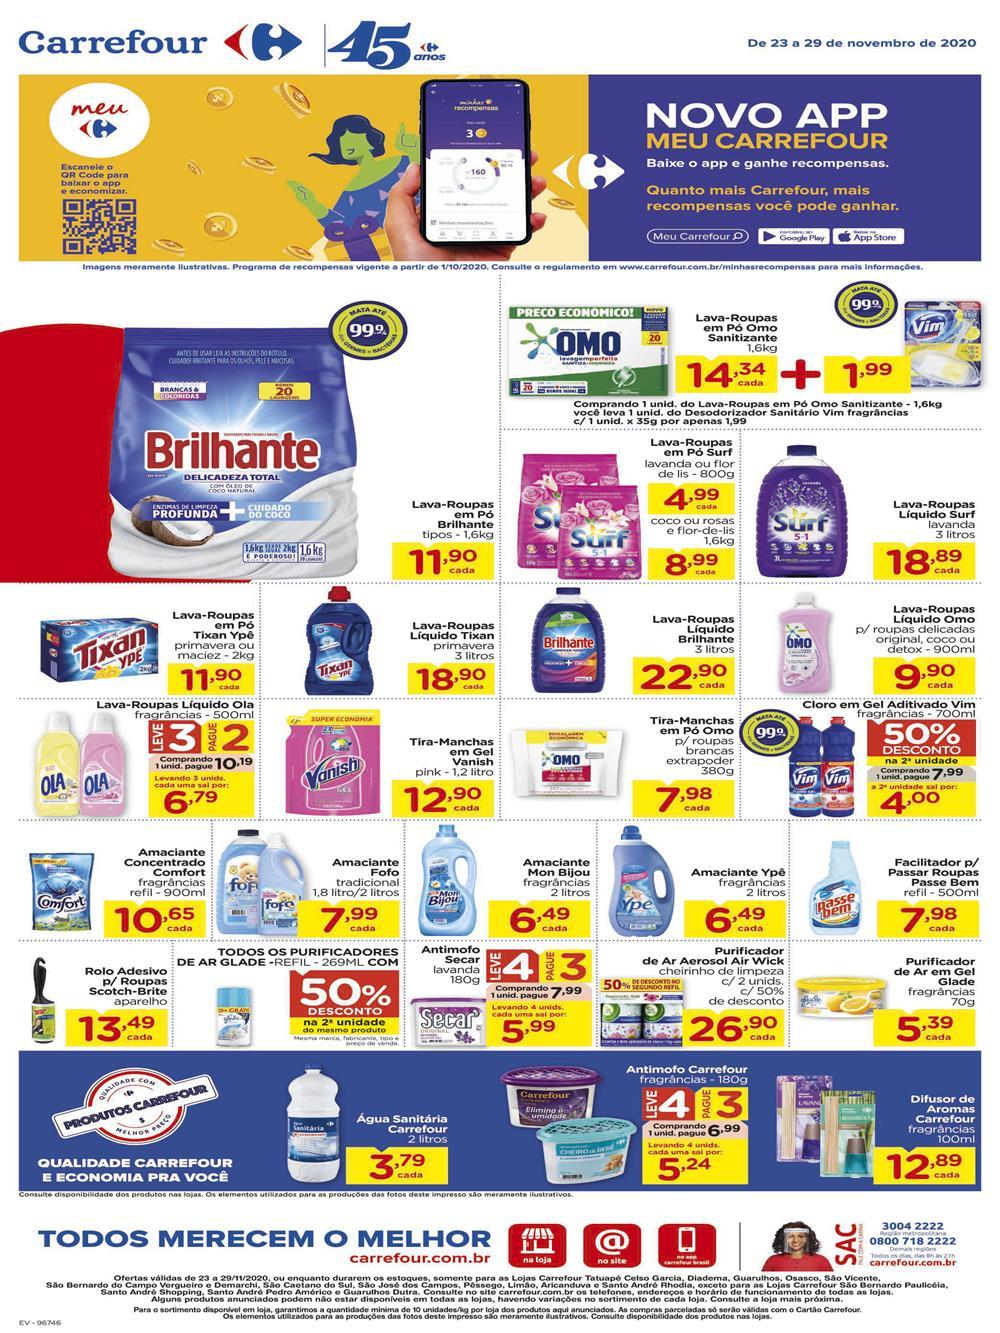 carrefour-ofertas-descontos-hoje12-4 Carrefour até 29/11